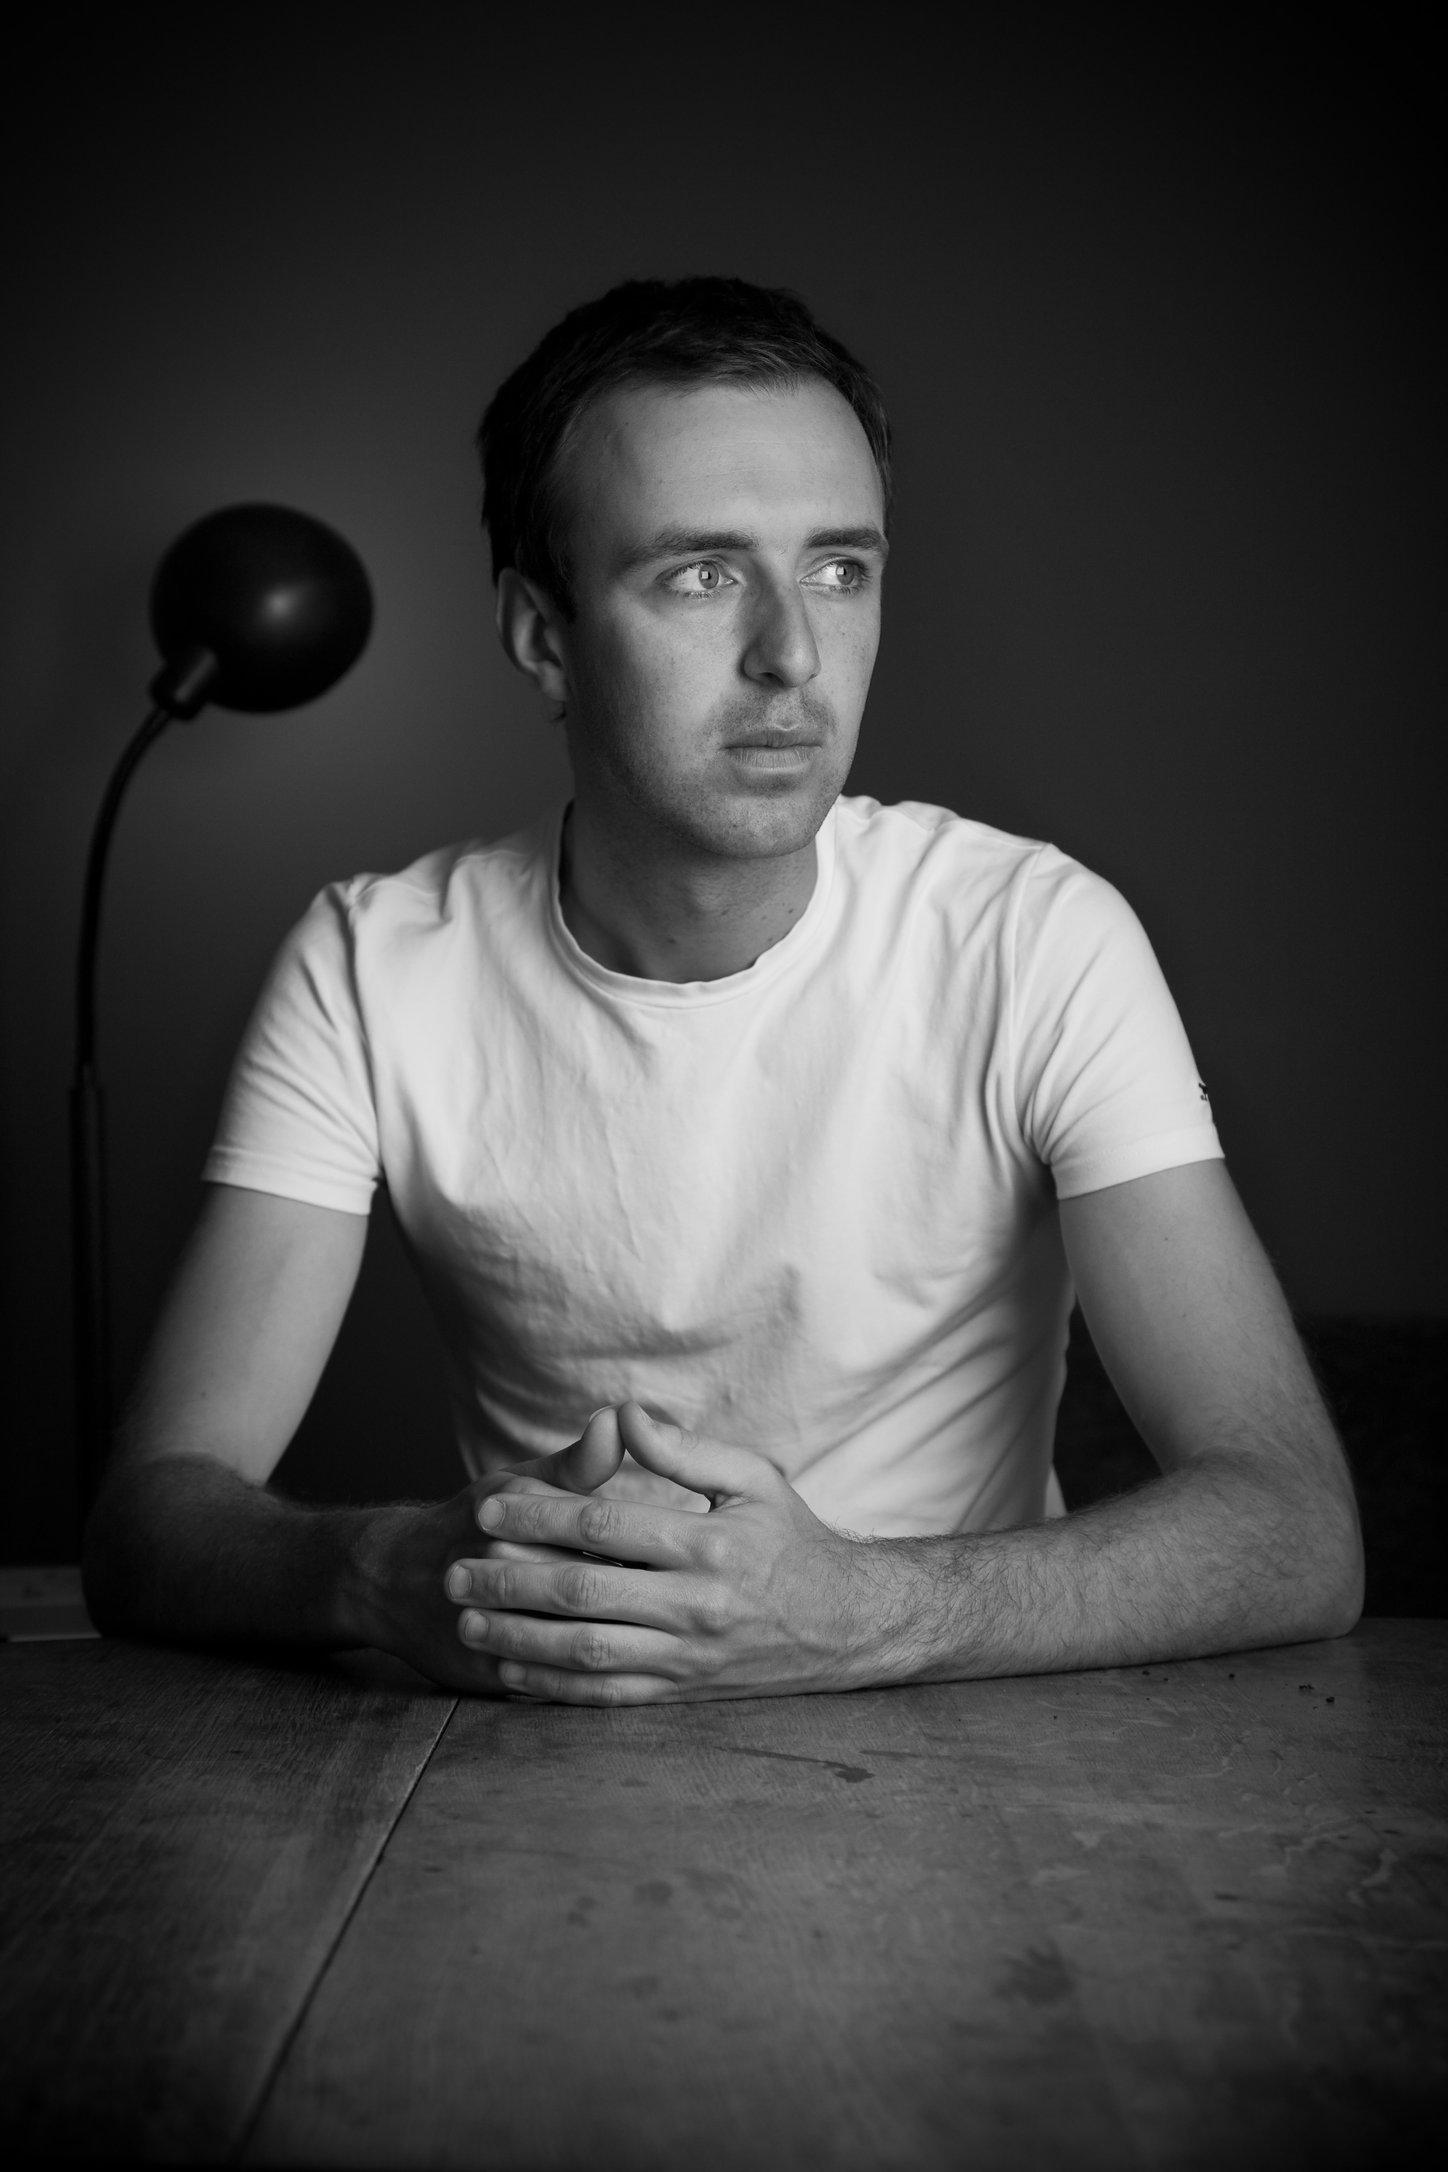 portretfoto man aan tafel